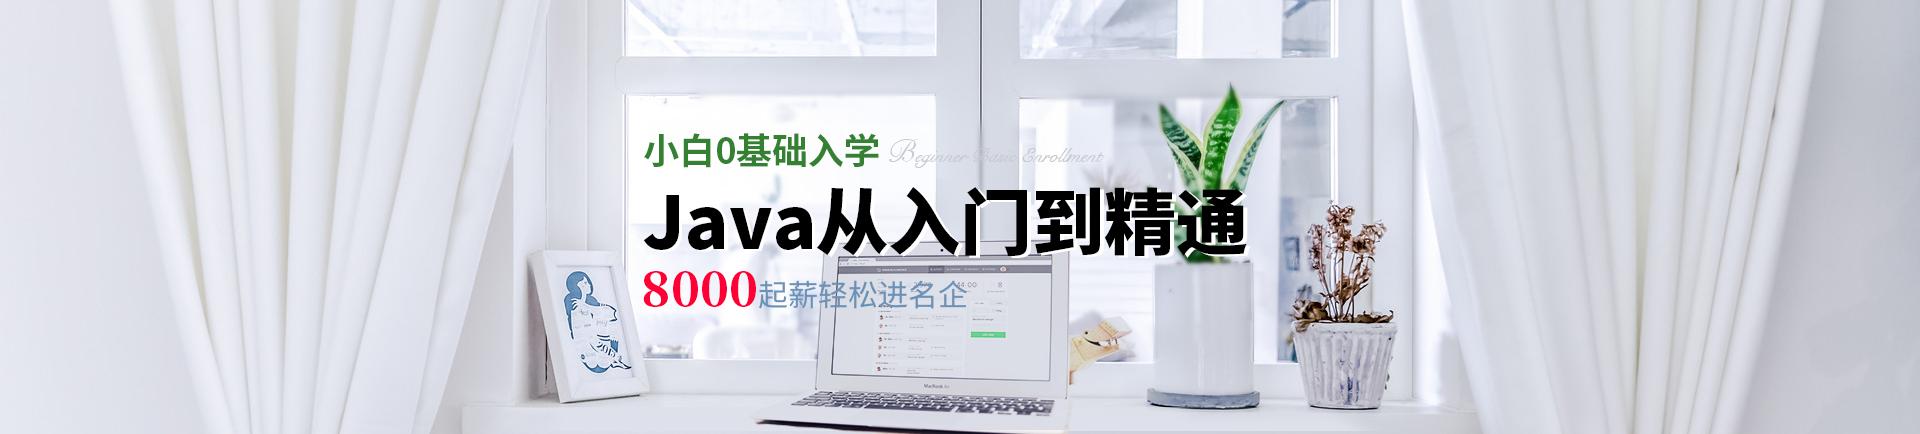 �白0基础入学 Java从入门到精通 8000起薪轻�进��-zhejiang